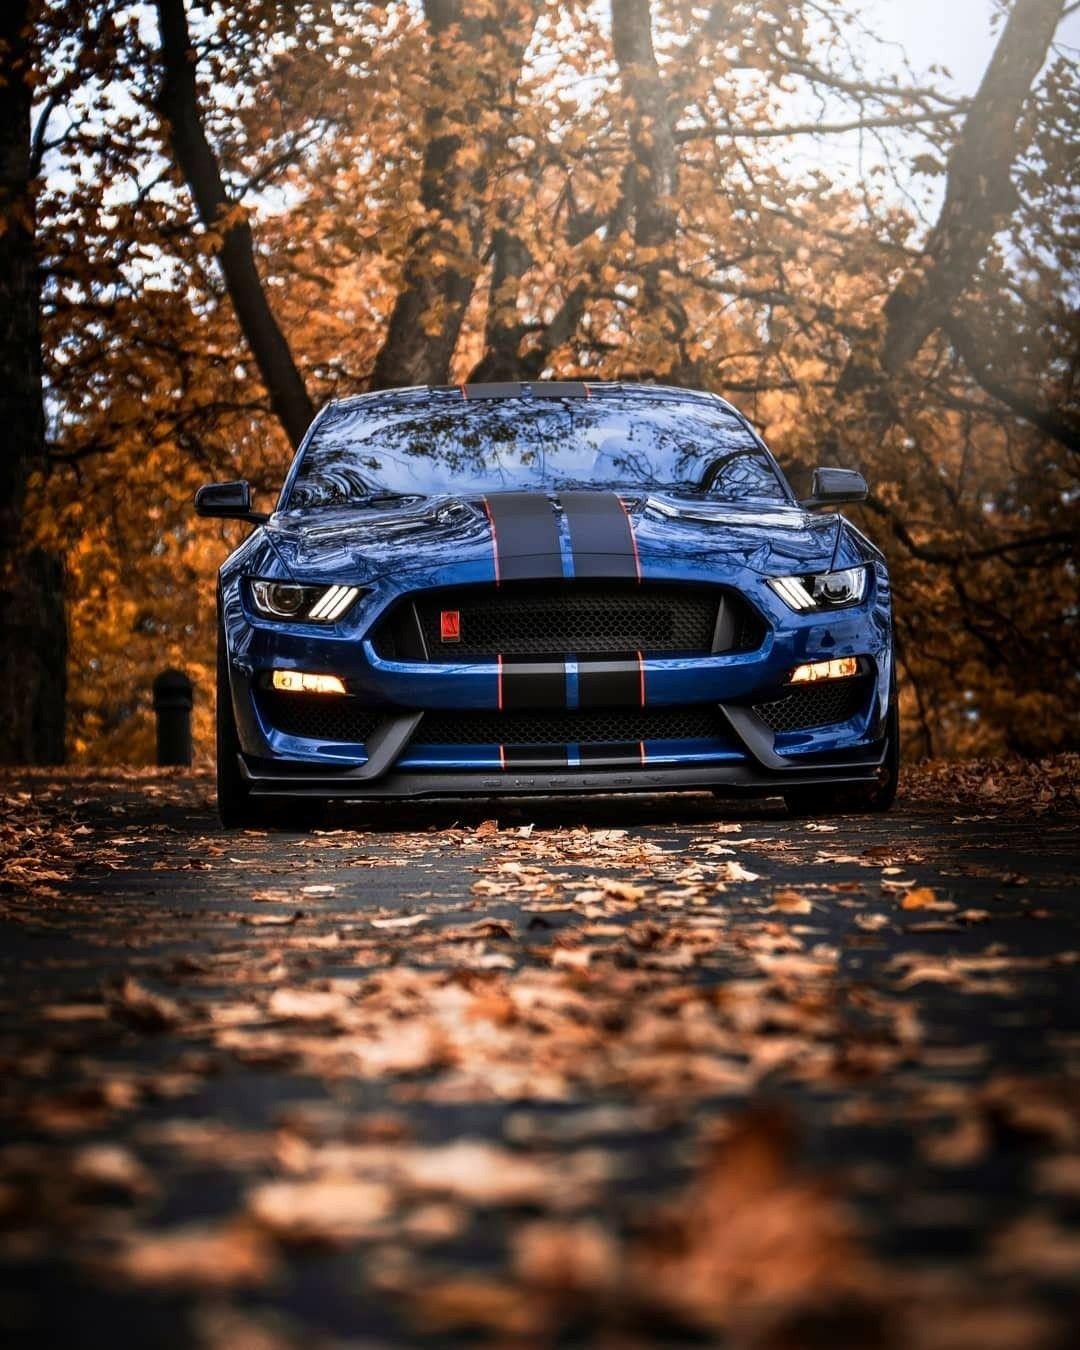 Mustang Gt500 Mustang Gt500 Ford Mustang Shelby Ford Mustang Car